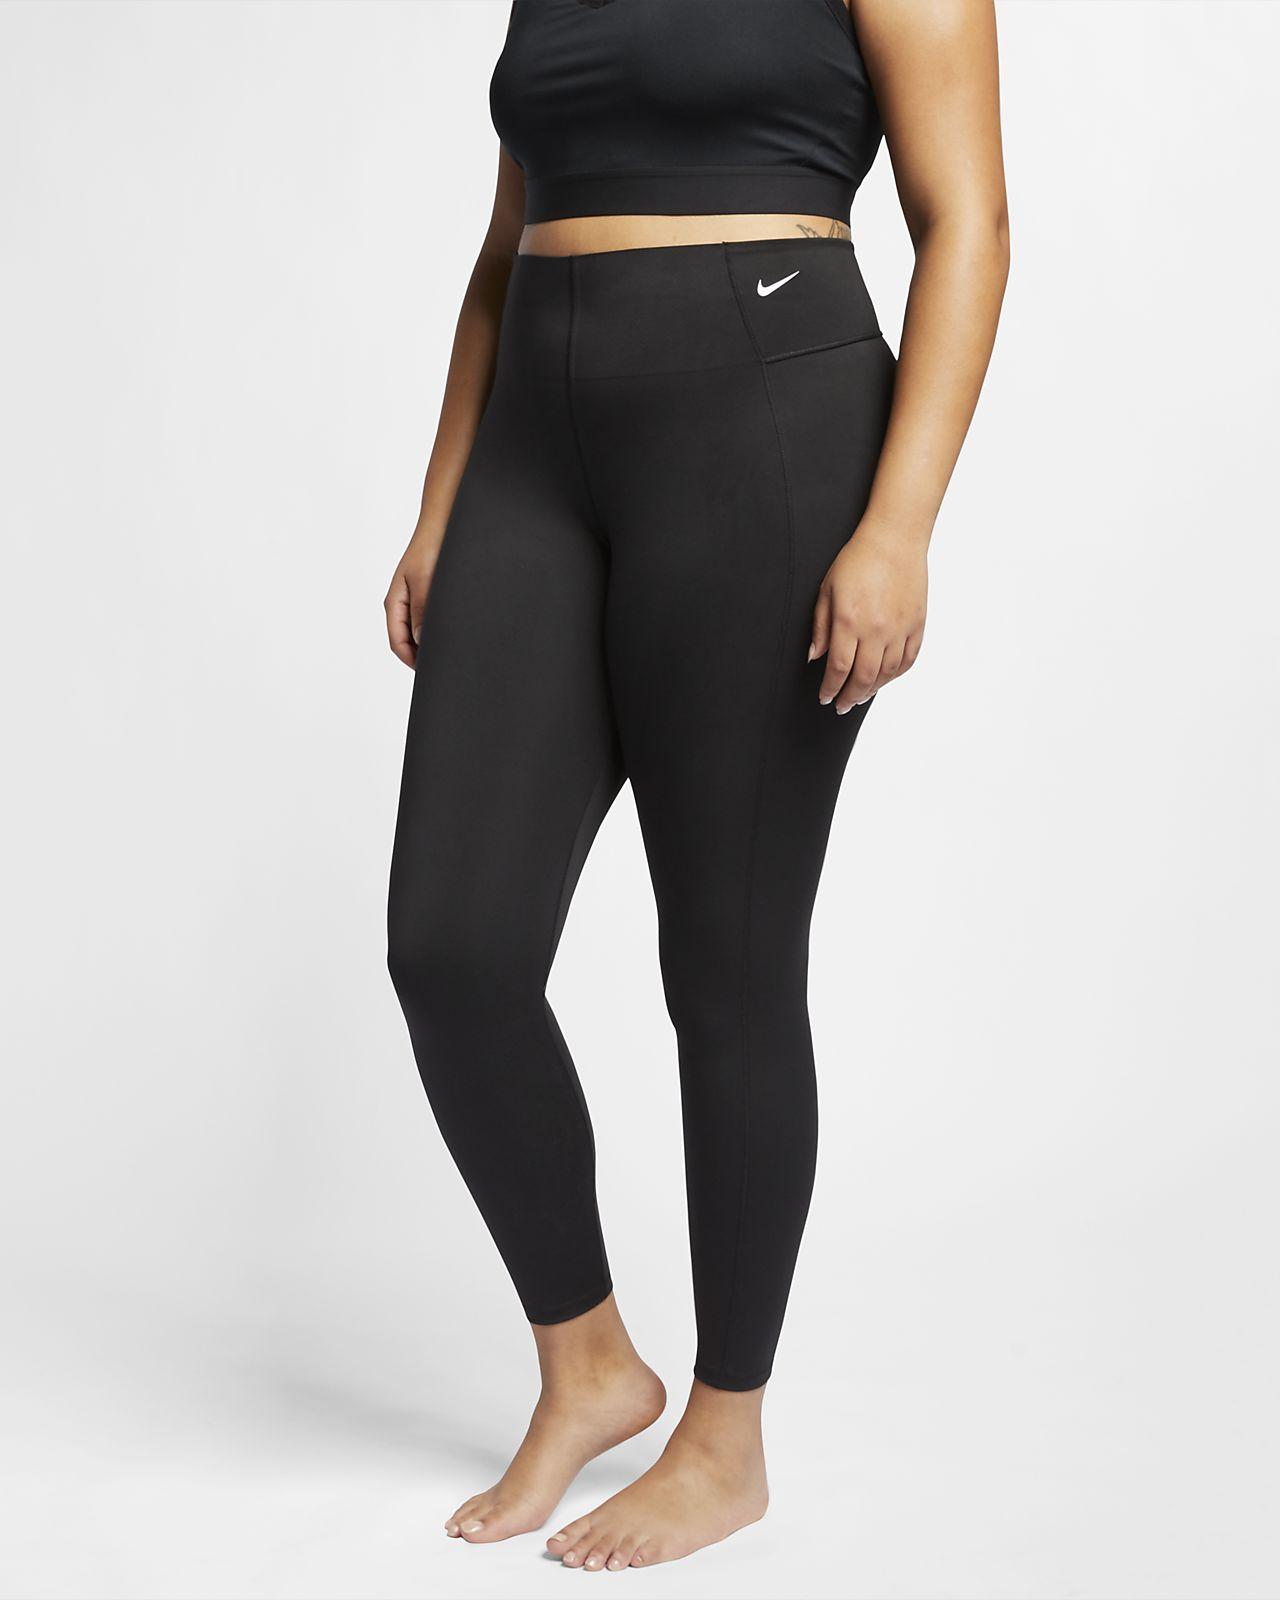 Nike Sculpt Damen-Trainings-Tights (große Größe)